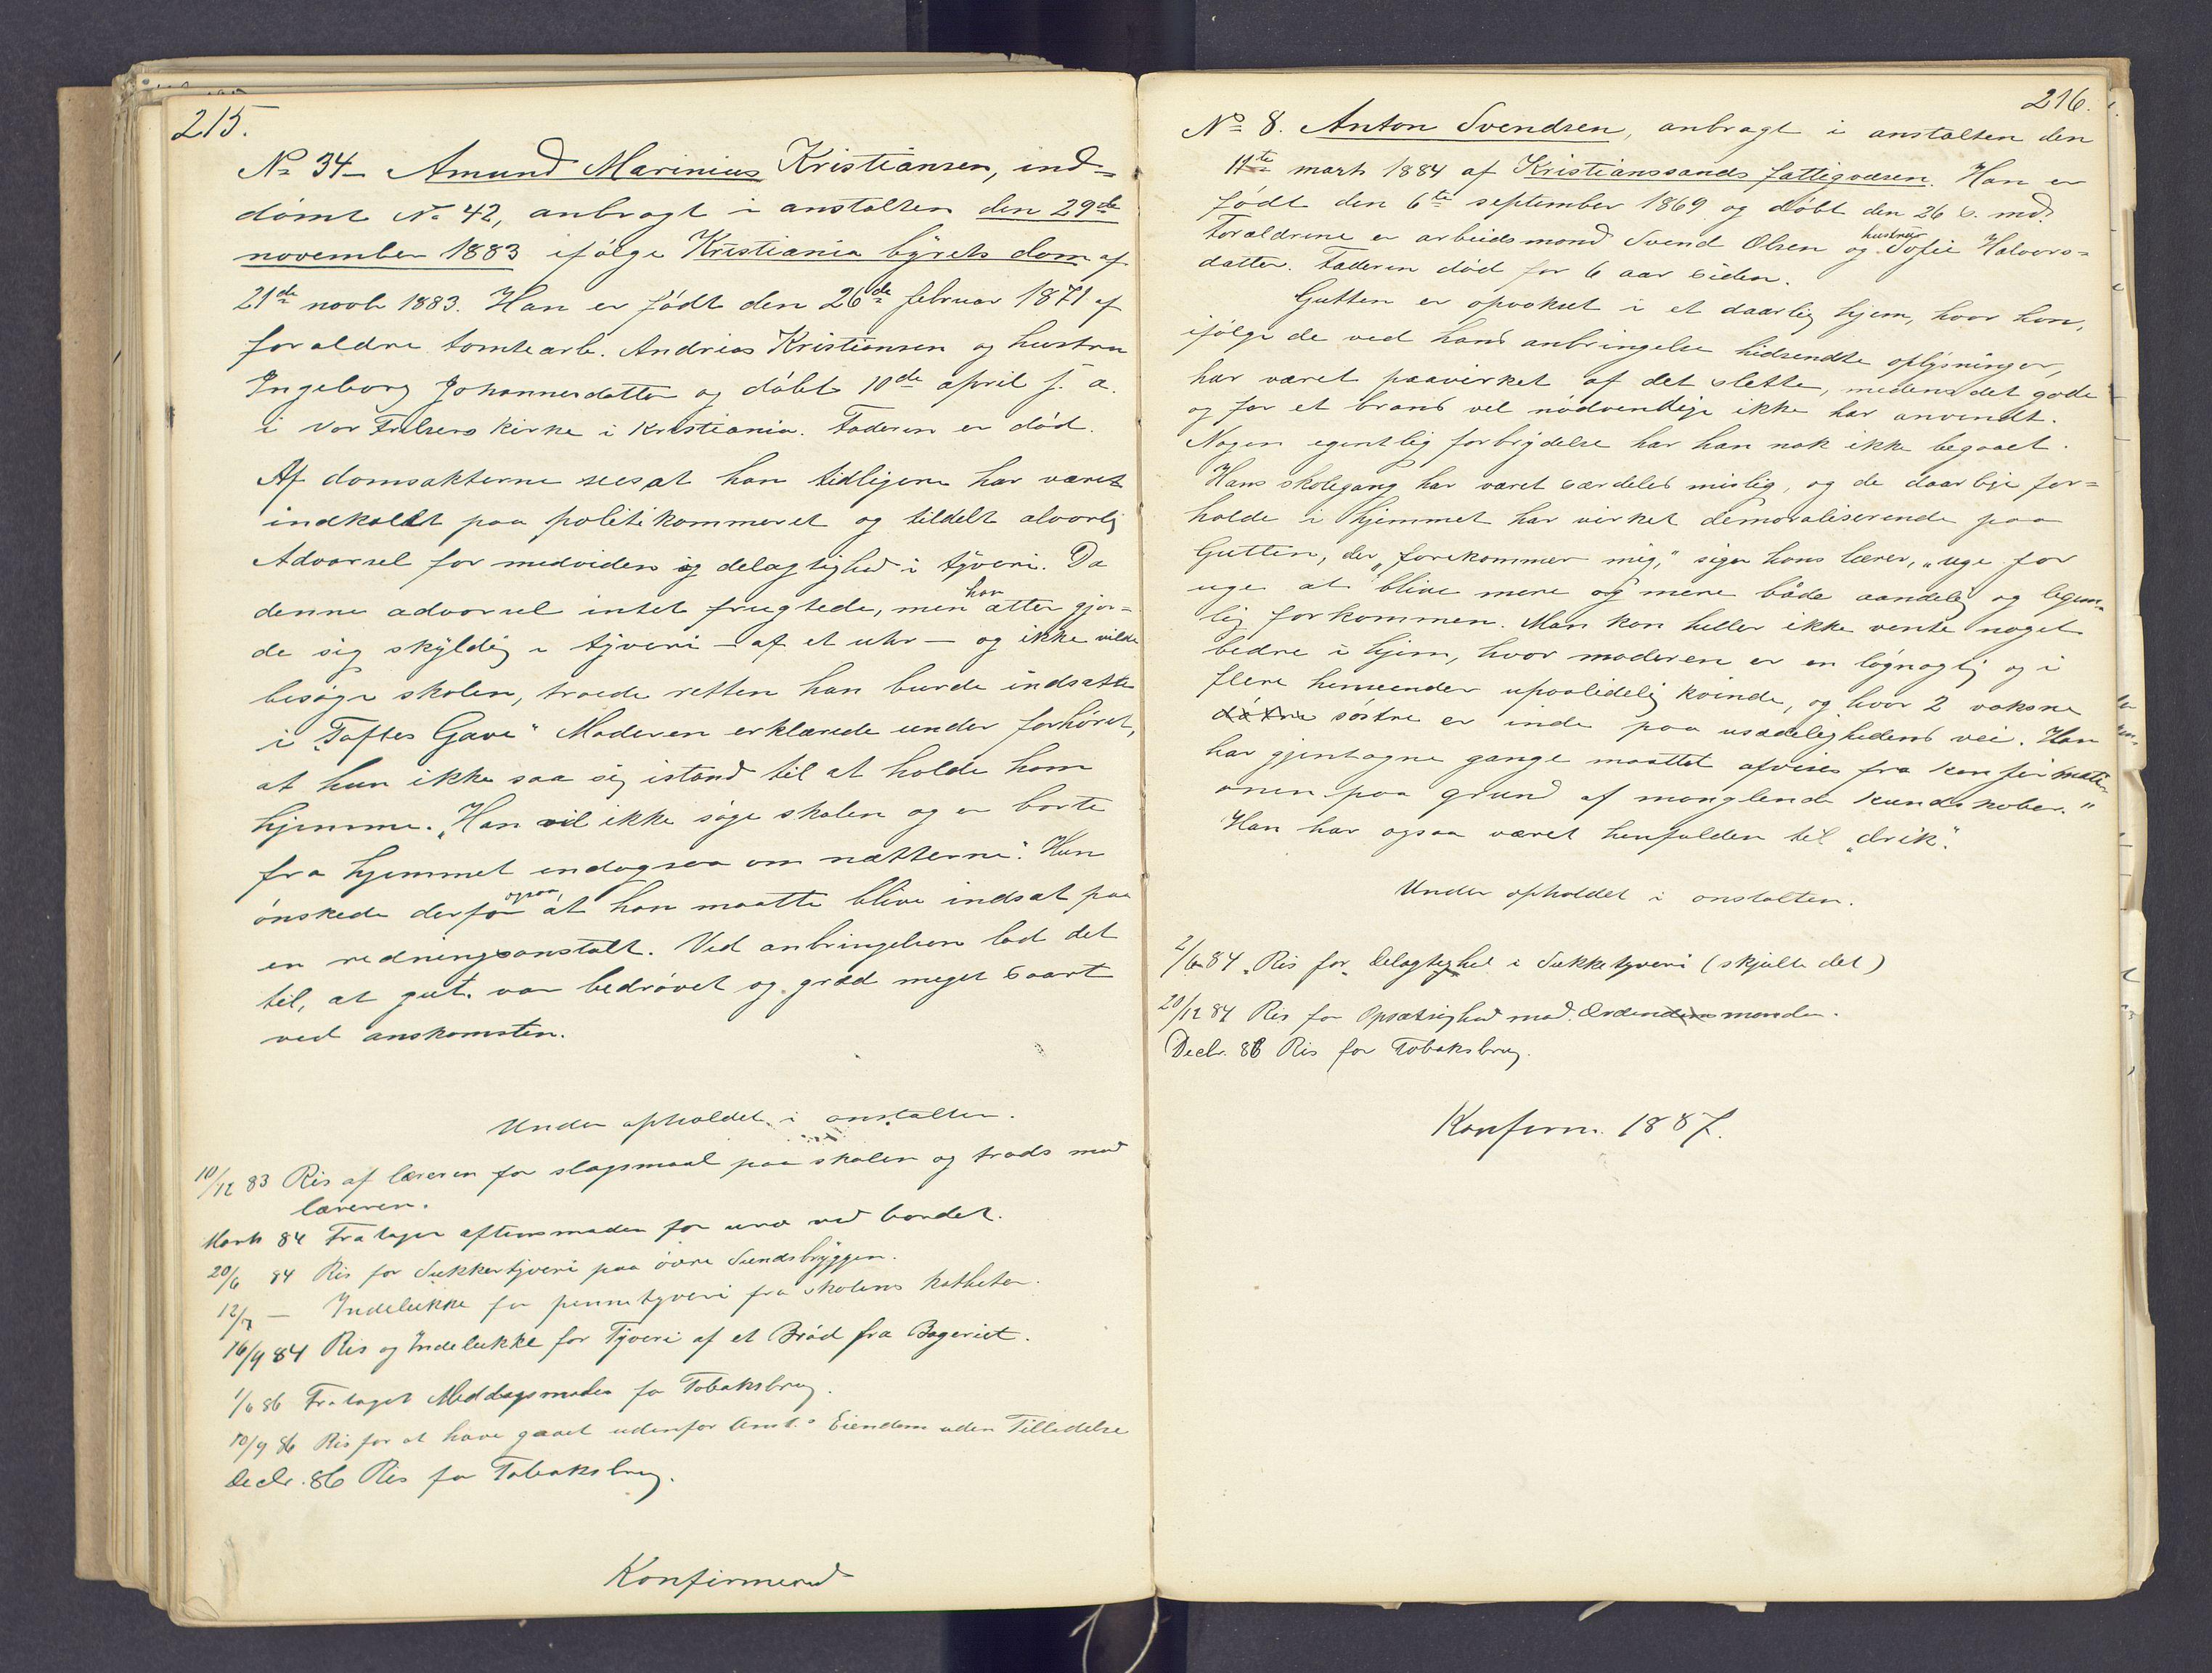 SAH, Toftes Gave, F/Fc/L0002: Elevprotokoll, 1870-1885, s. 215-216